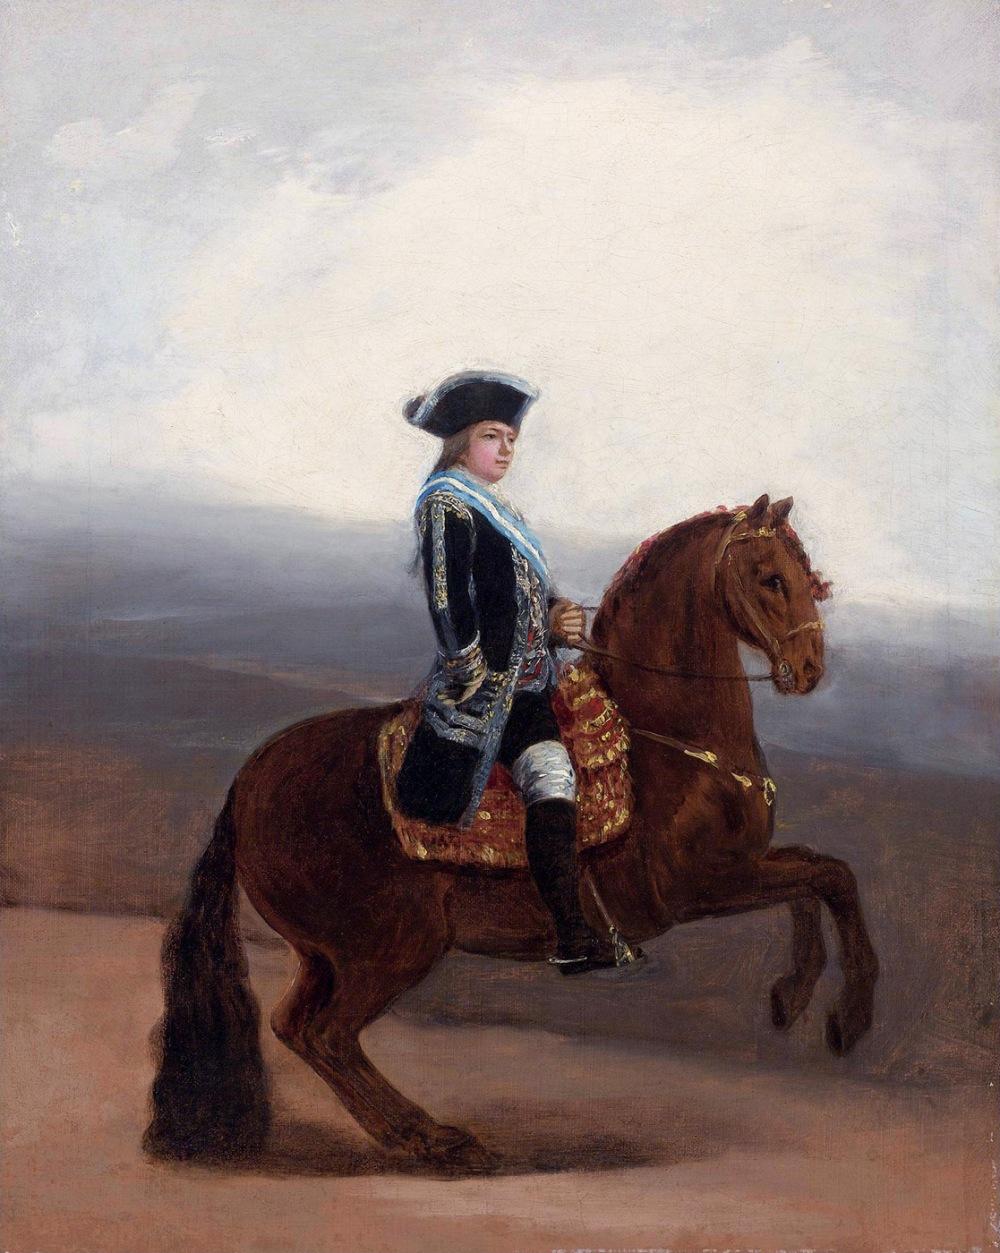 Francisco de Goya. Boceto para el retrato ecuestre de Manuel Godoy, duque de la Alcudia. 1794. Colección particular.